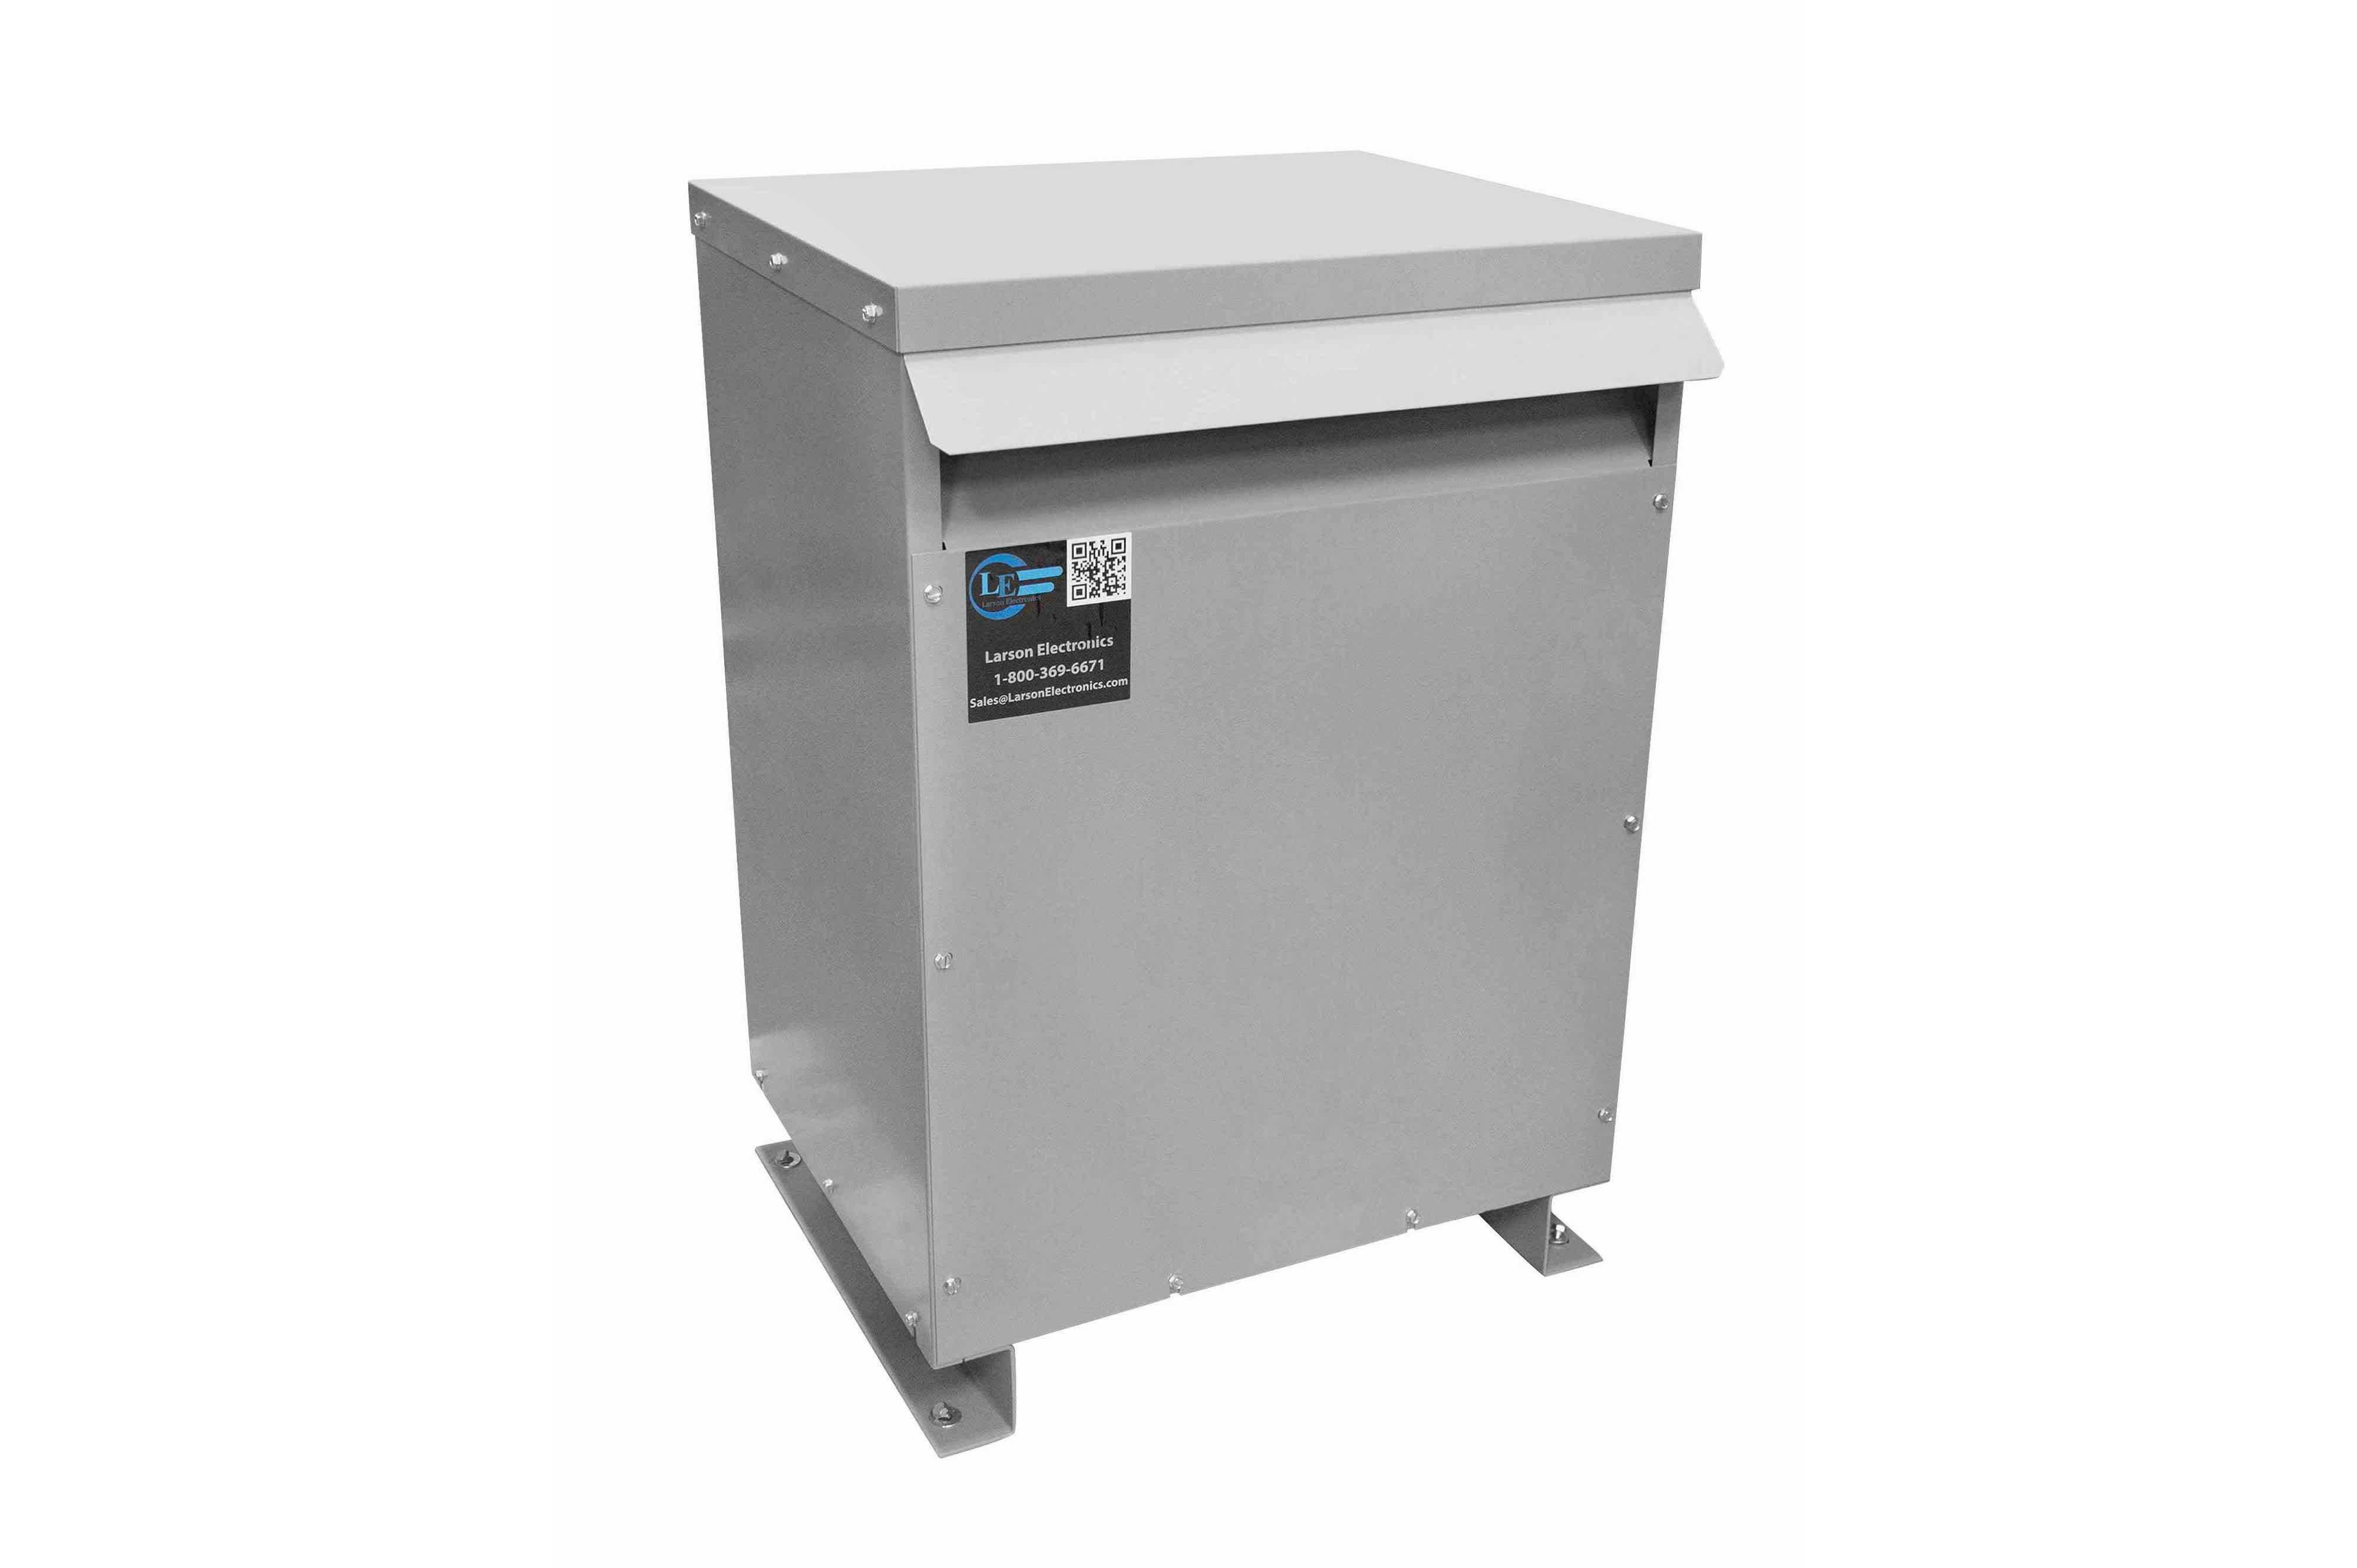 750 kVA 3PH Isolation Transformer, 400V Delta Primary, 208V Delta Secondary, N3R, Ventilated, 60 Hz